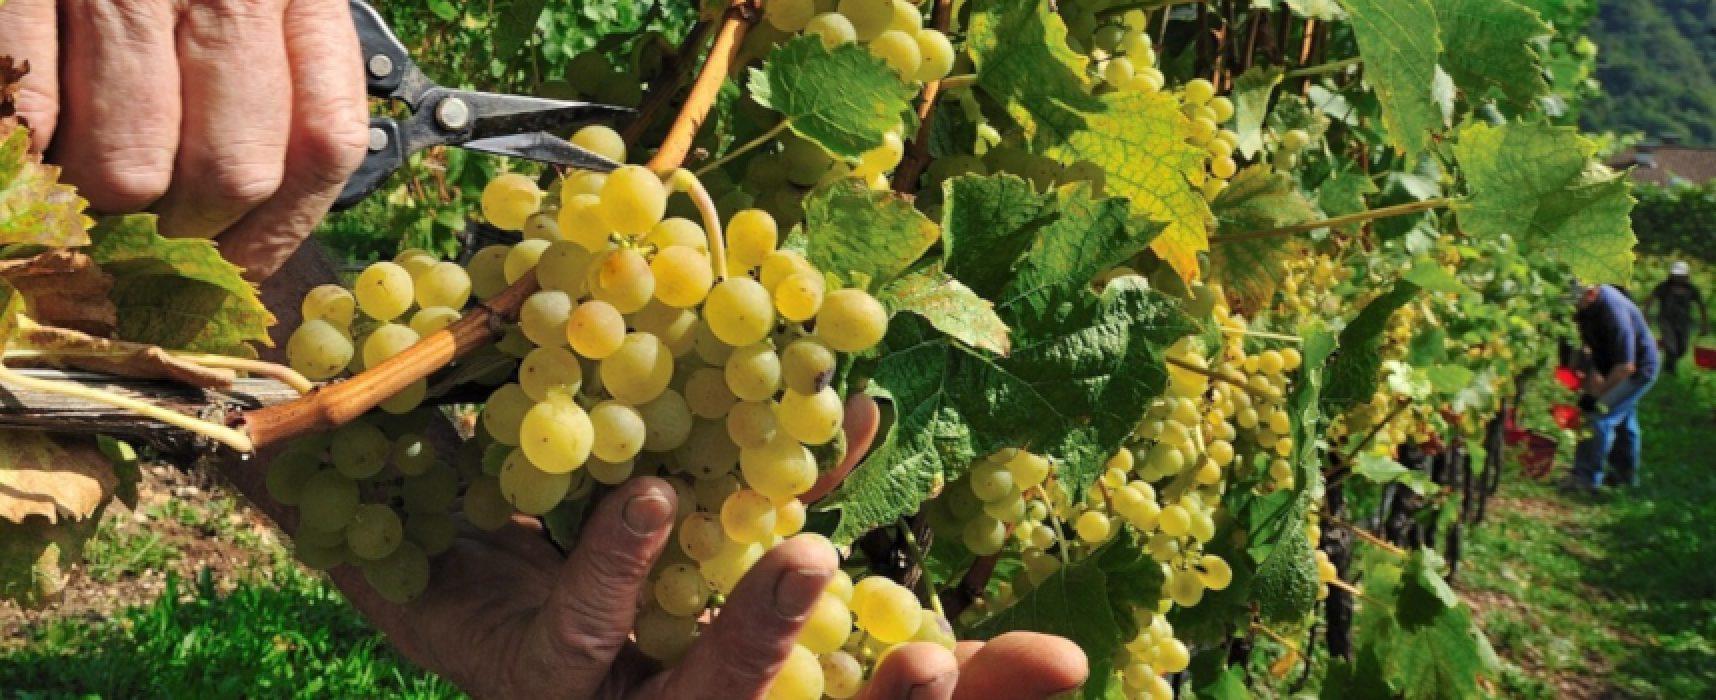 """""""Viticoltura: mercato, formazione e sostenibilità"""", incontro su mercato e vino pugliese"""